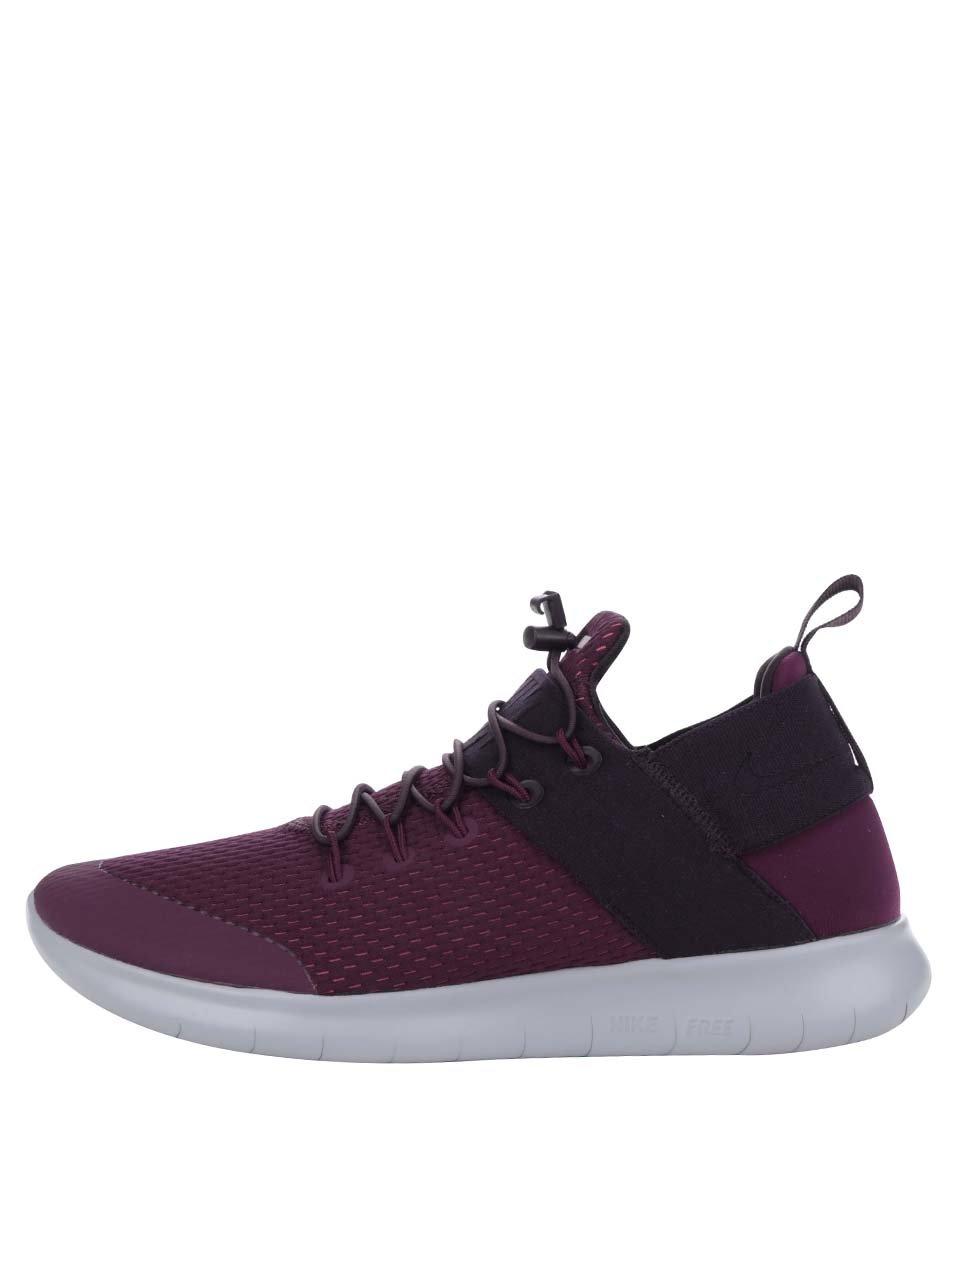 Fialové pánske tenisky so sivou podrážkou Nike Free RN Commuter ... c730838d051